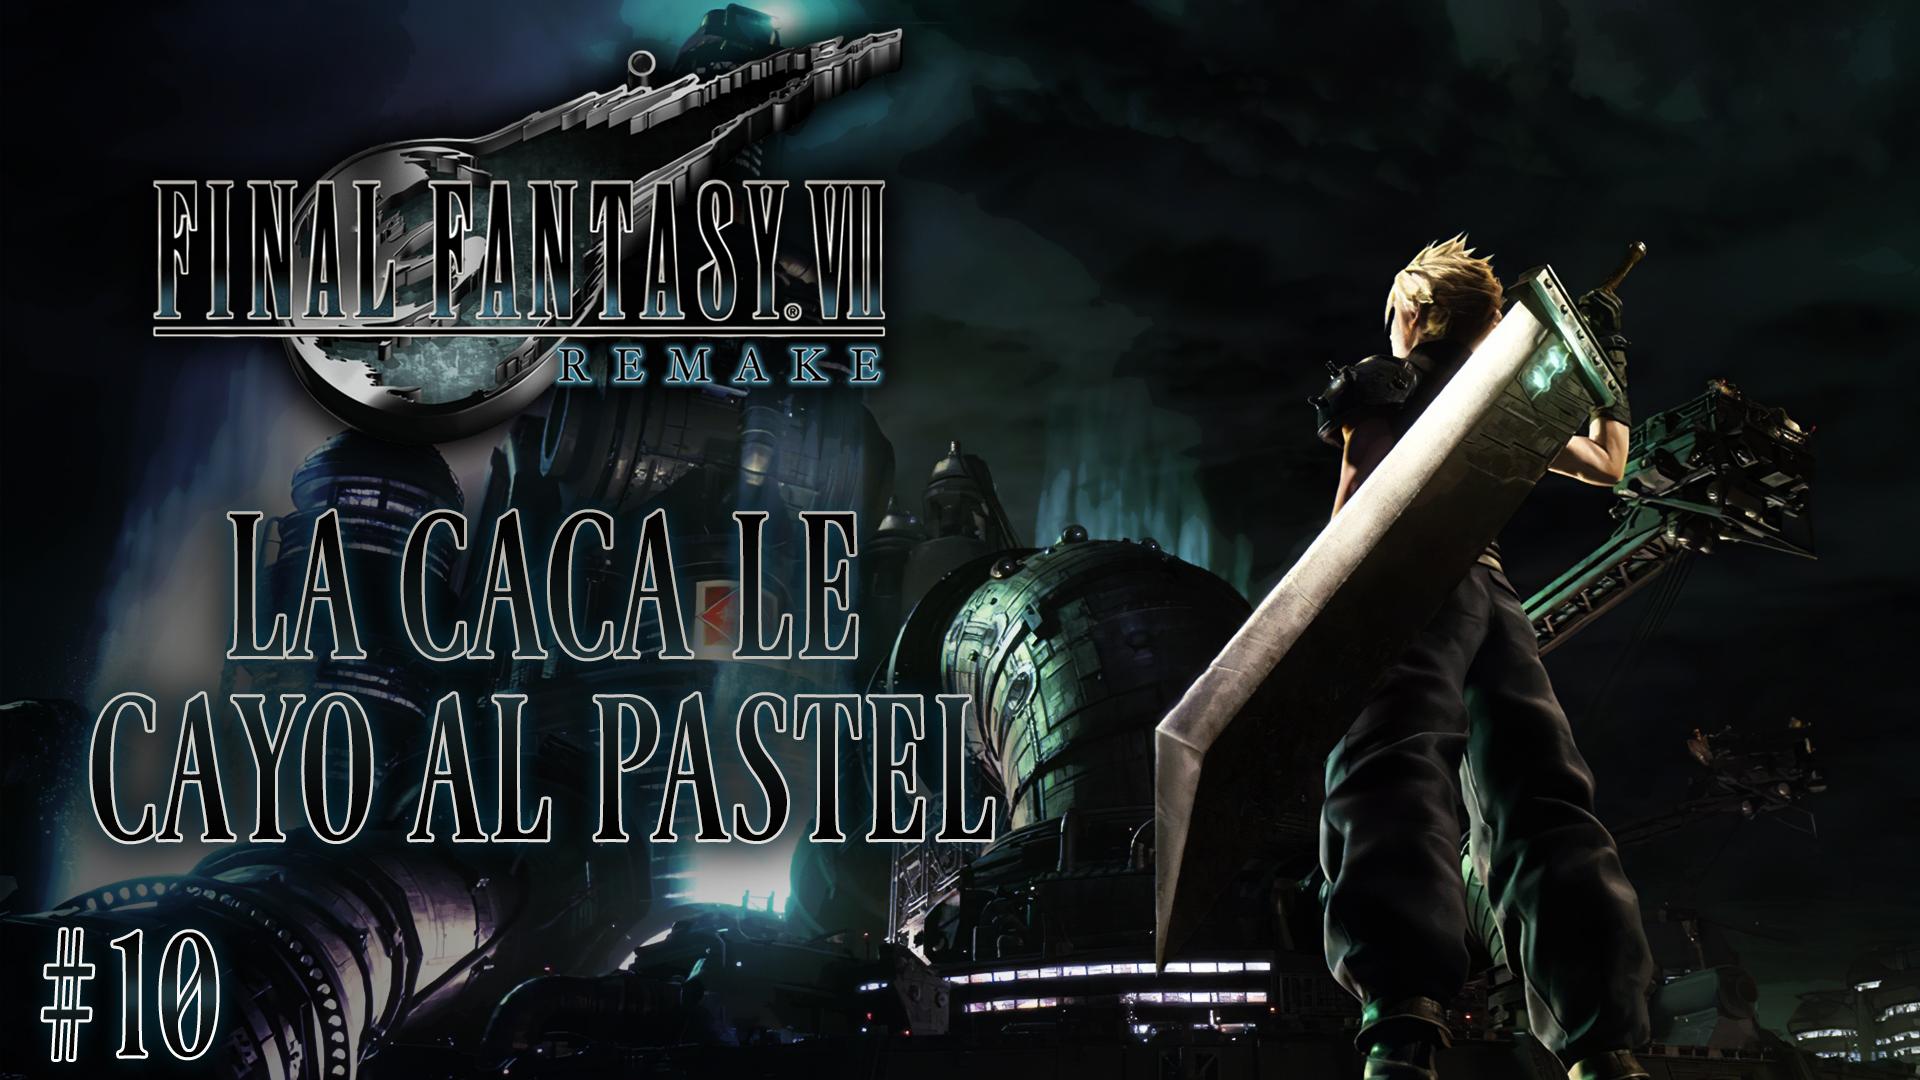 Serie Final Fantasy VII Remake #10 – La caca le cayó al pastel